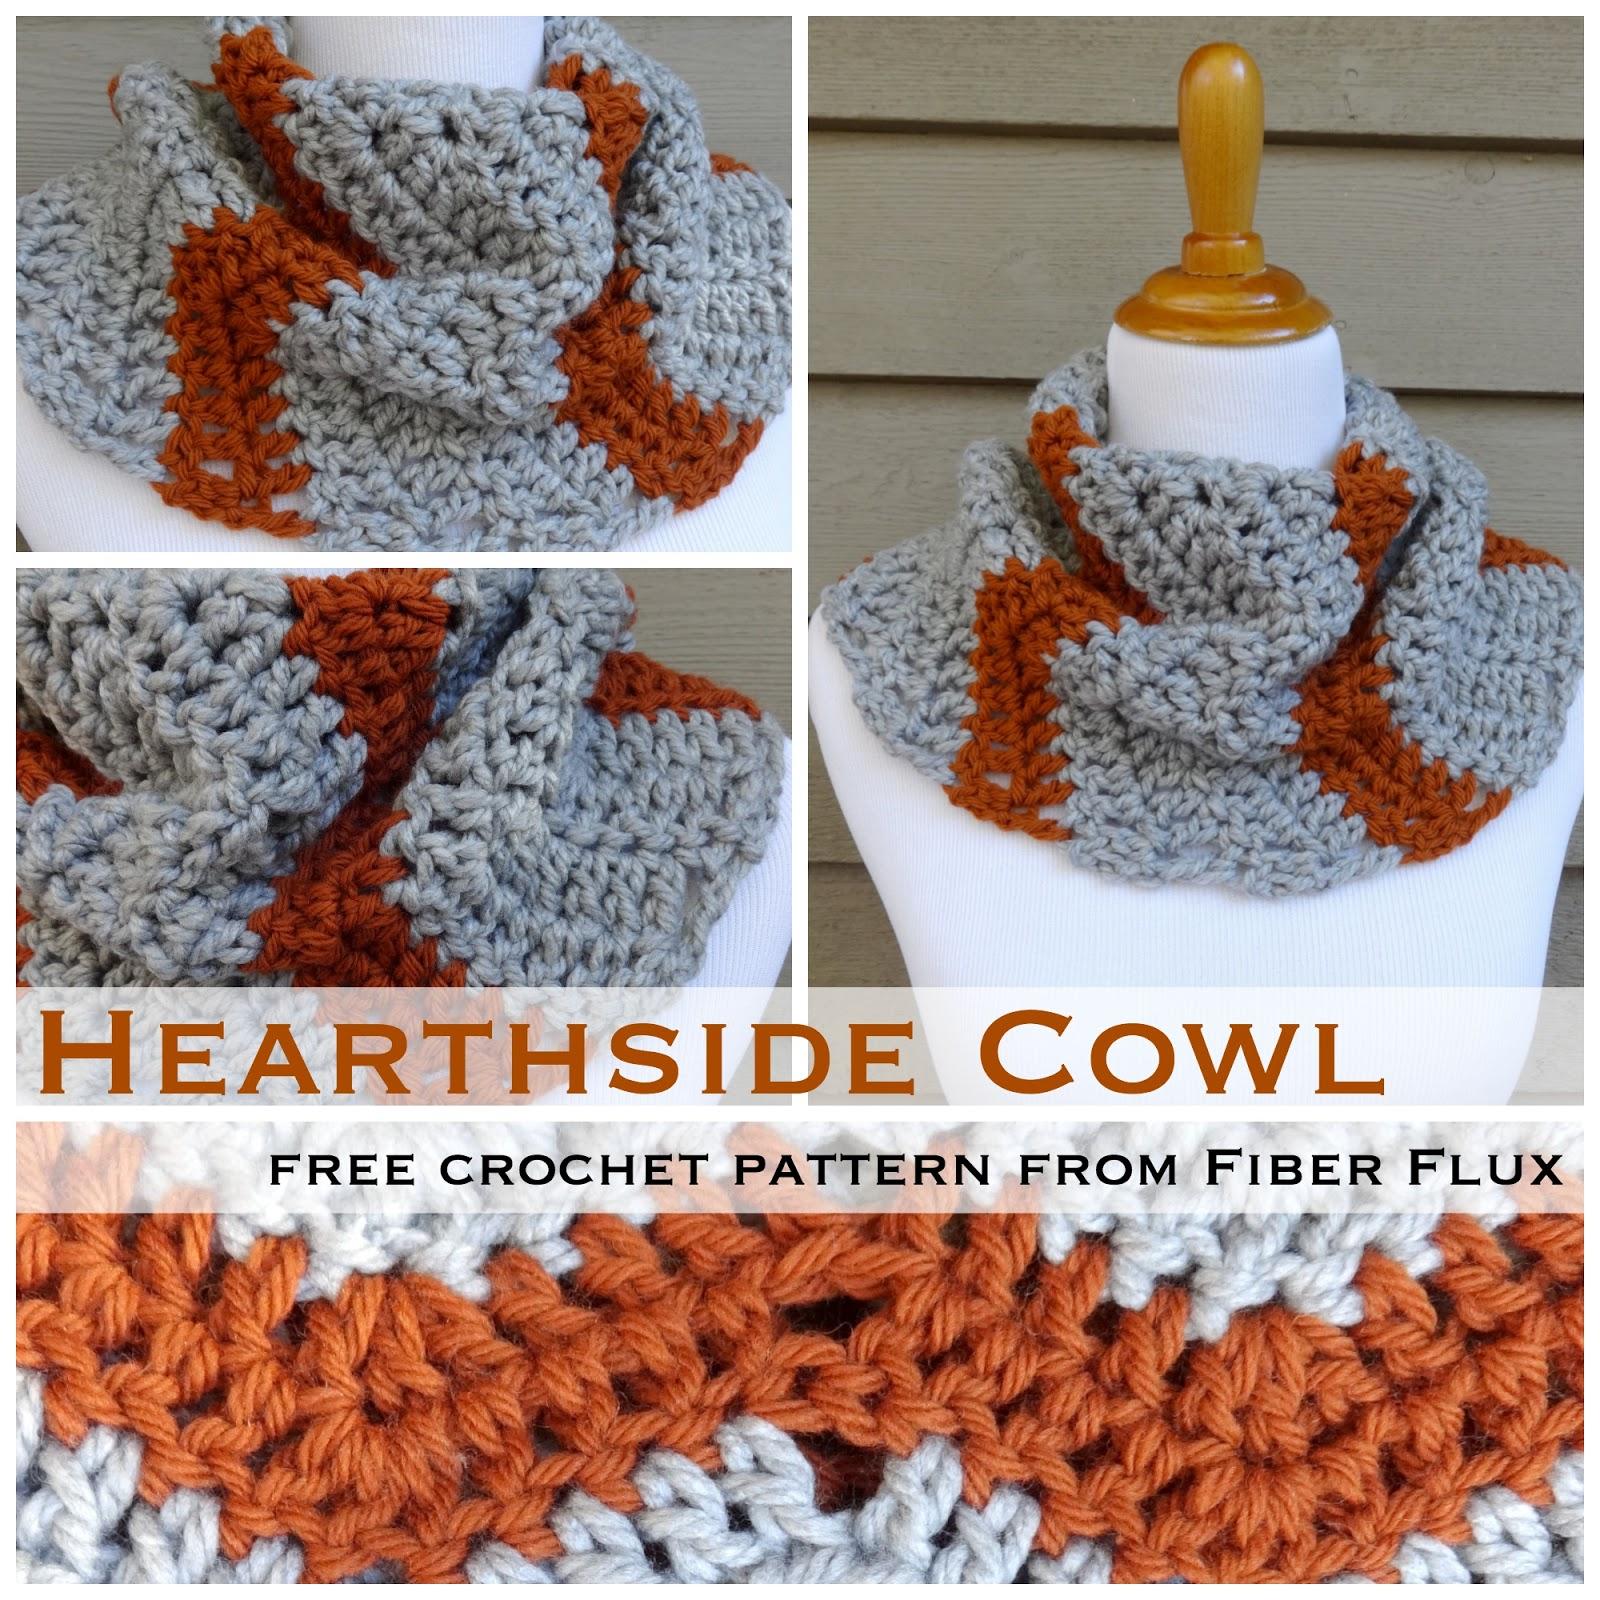 Fiber Flux: Free Crochet Pattern...Hearthside Cowl!